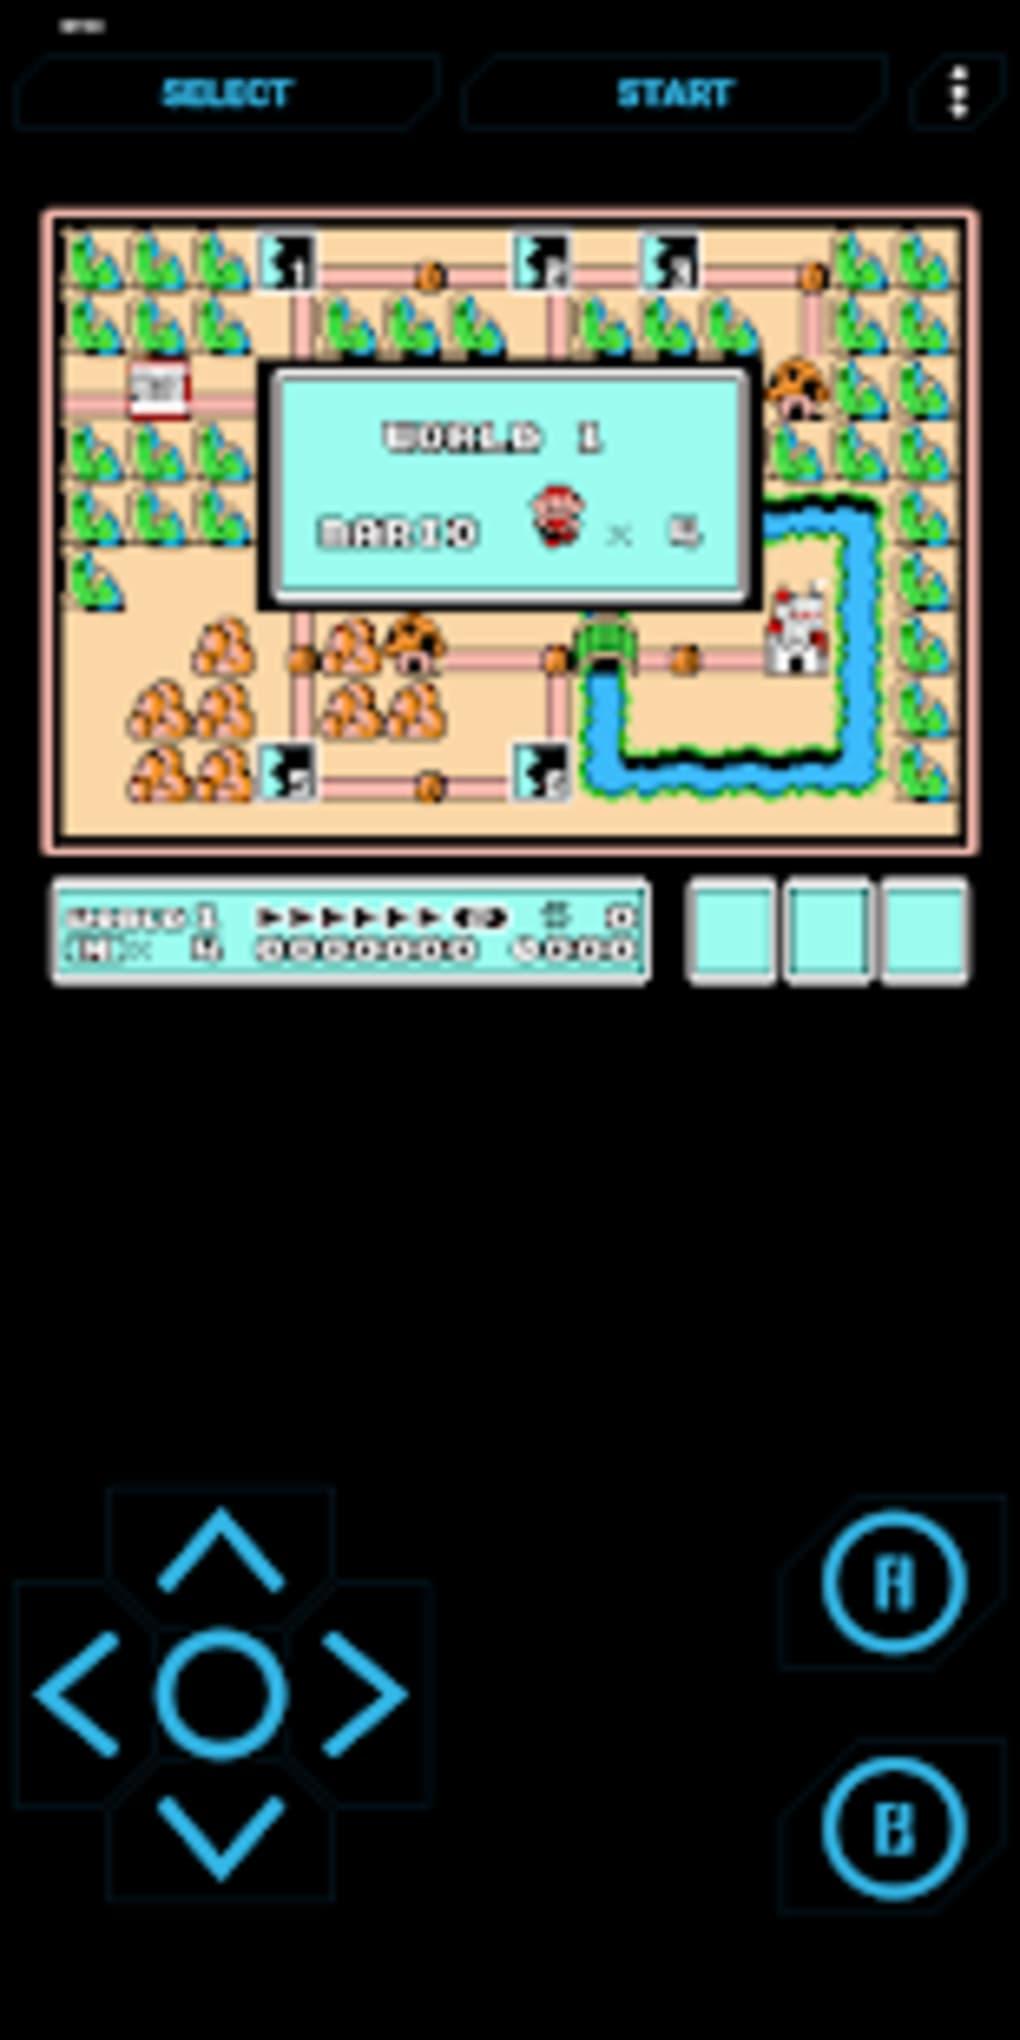 Happy NES - NES Emulator 100 in 1 para Android - Descargar